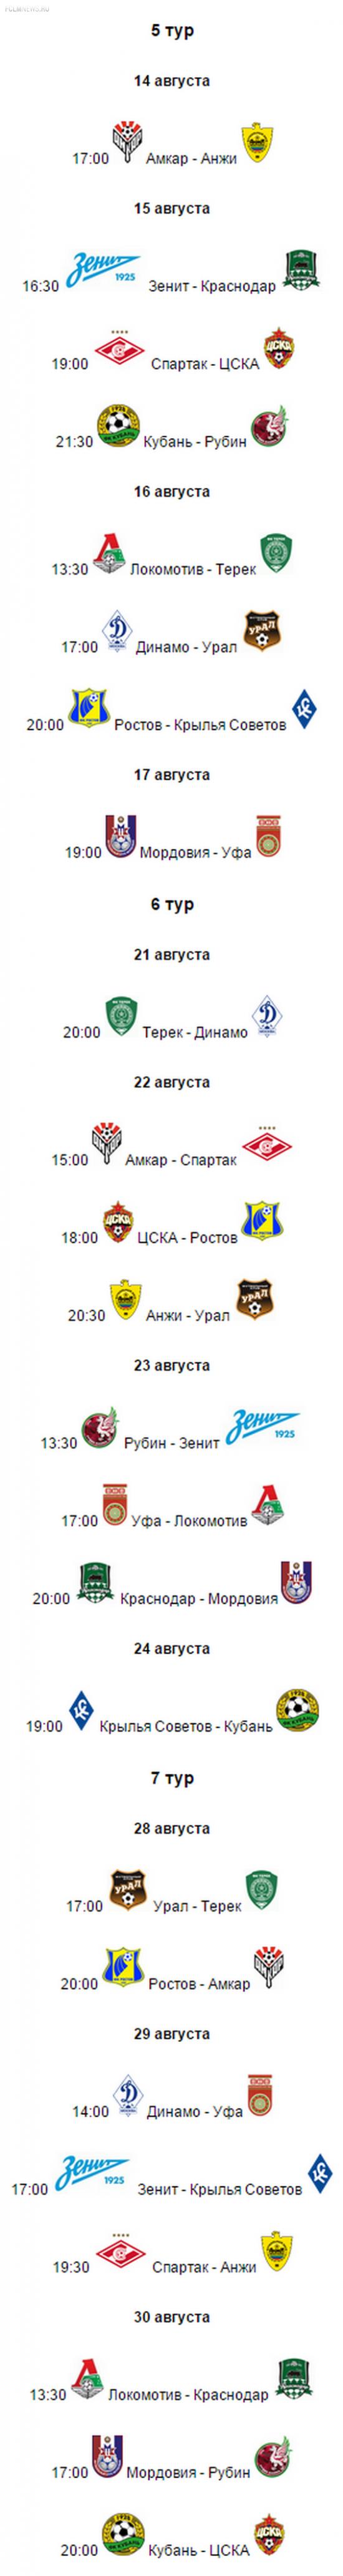 Расписание и время начала матчей РФПЛ август сезона-2015/16